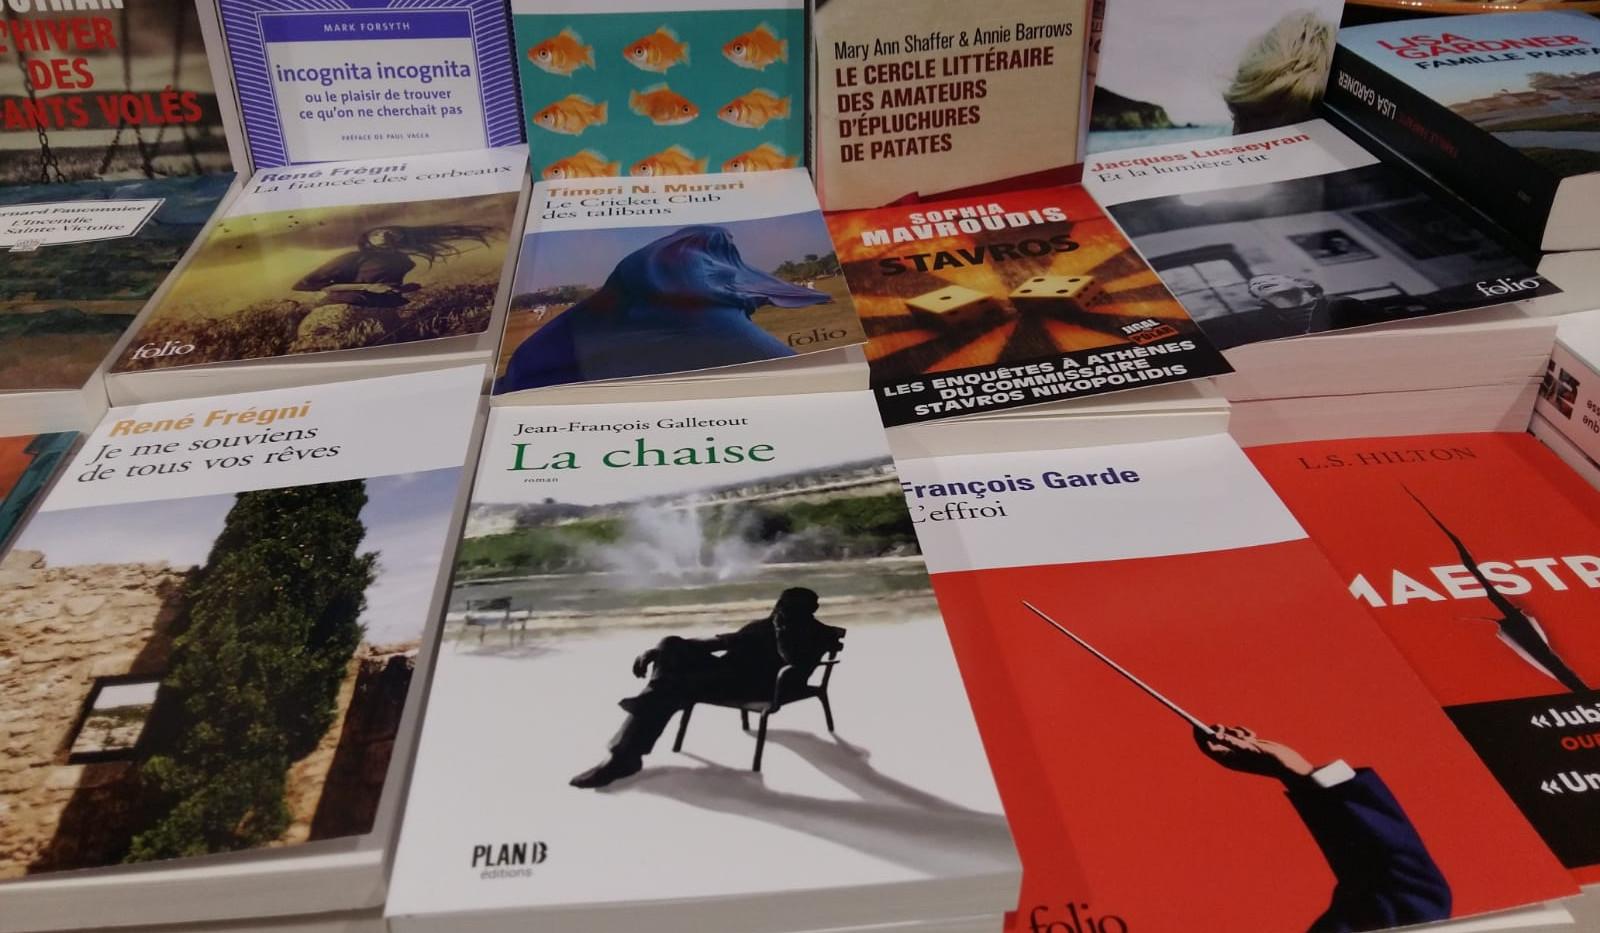 La chaise a Aix-en-Provence